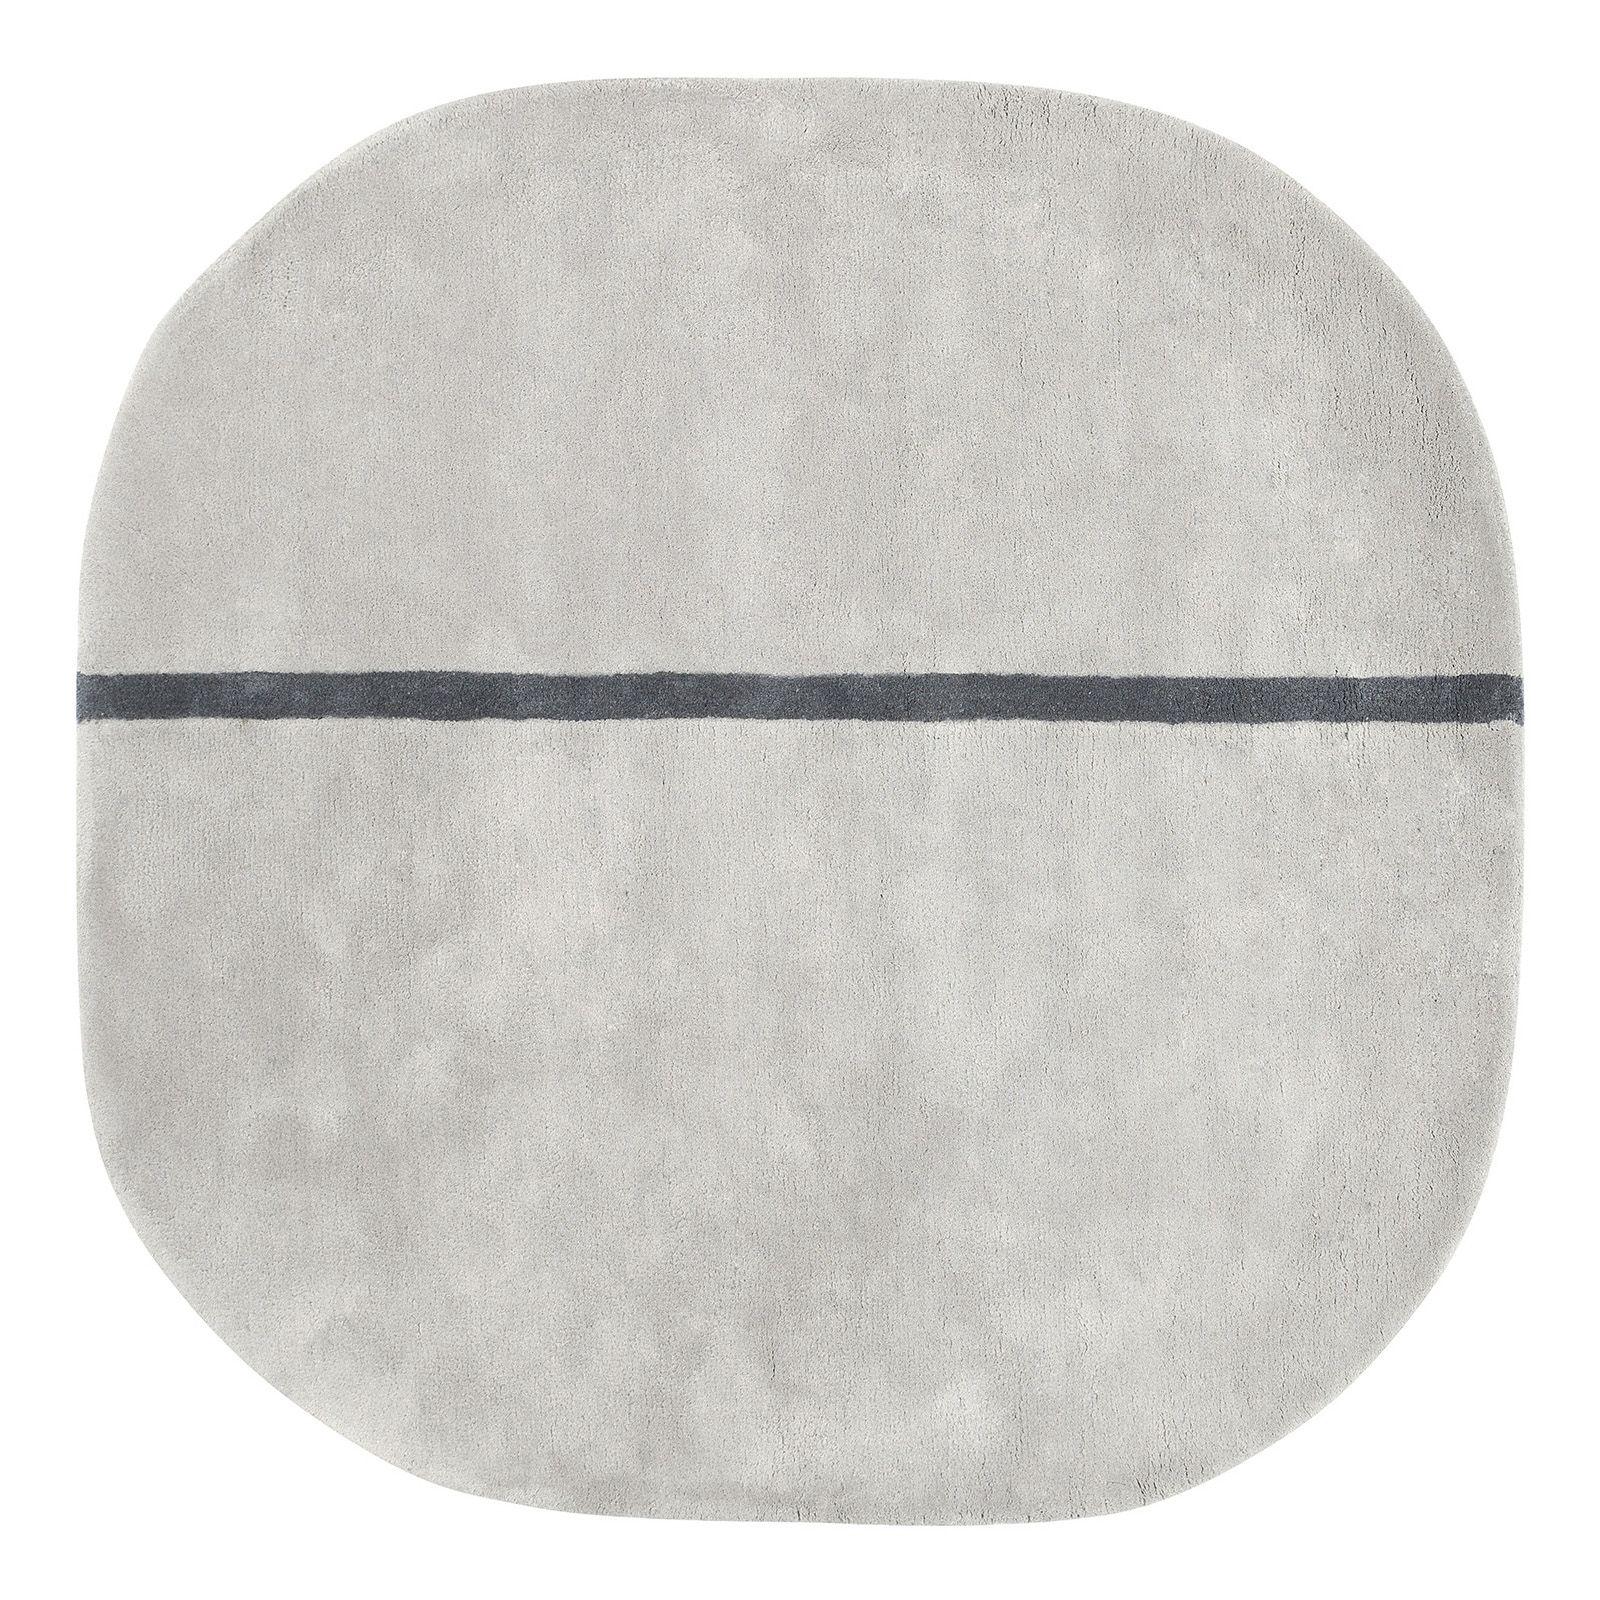 Oona vloerkleed Normann Copenhagen 140x140cm grijs